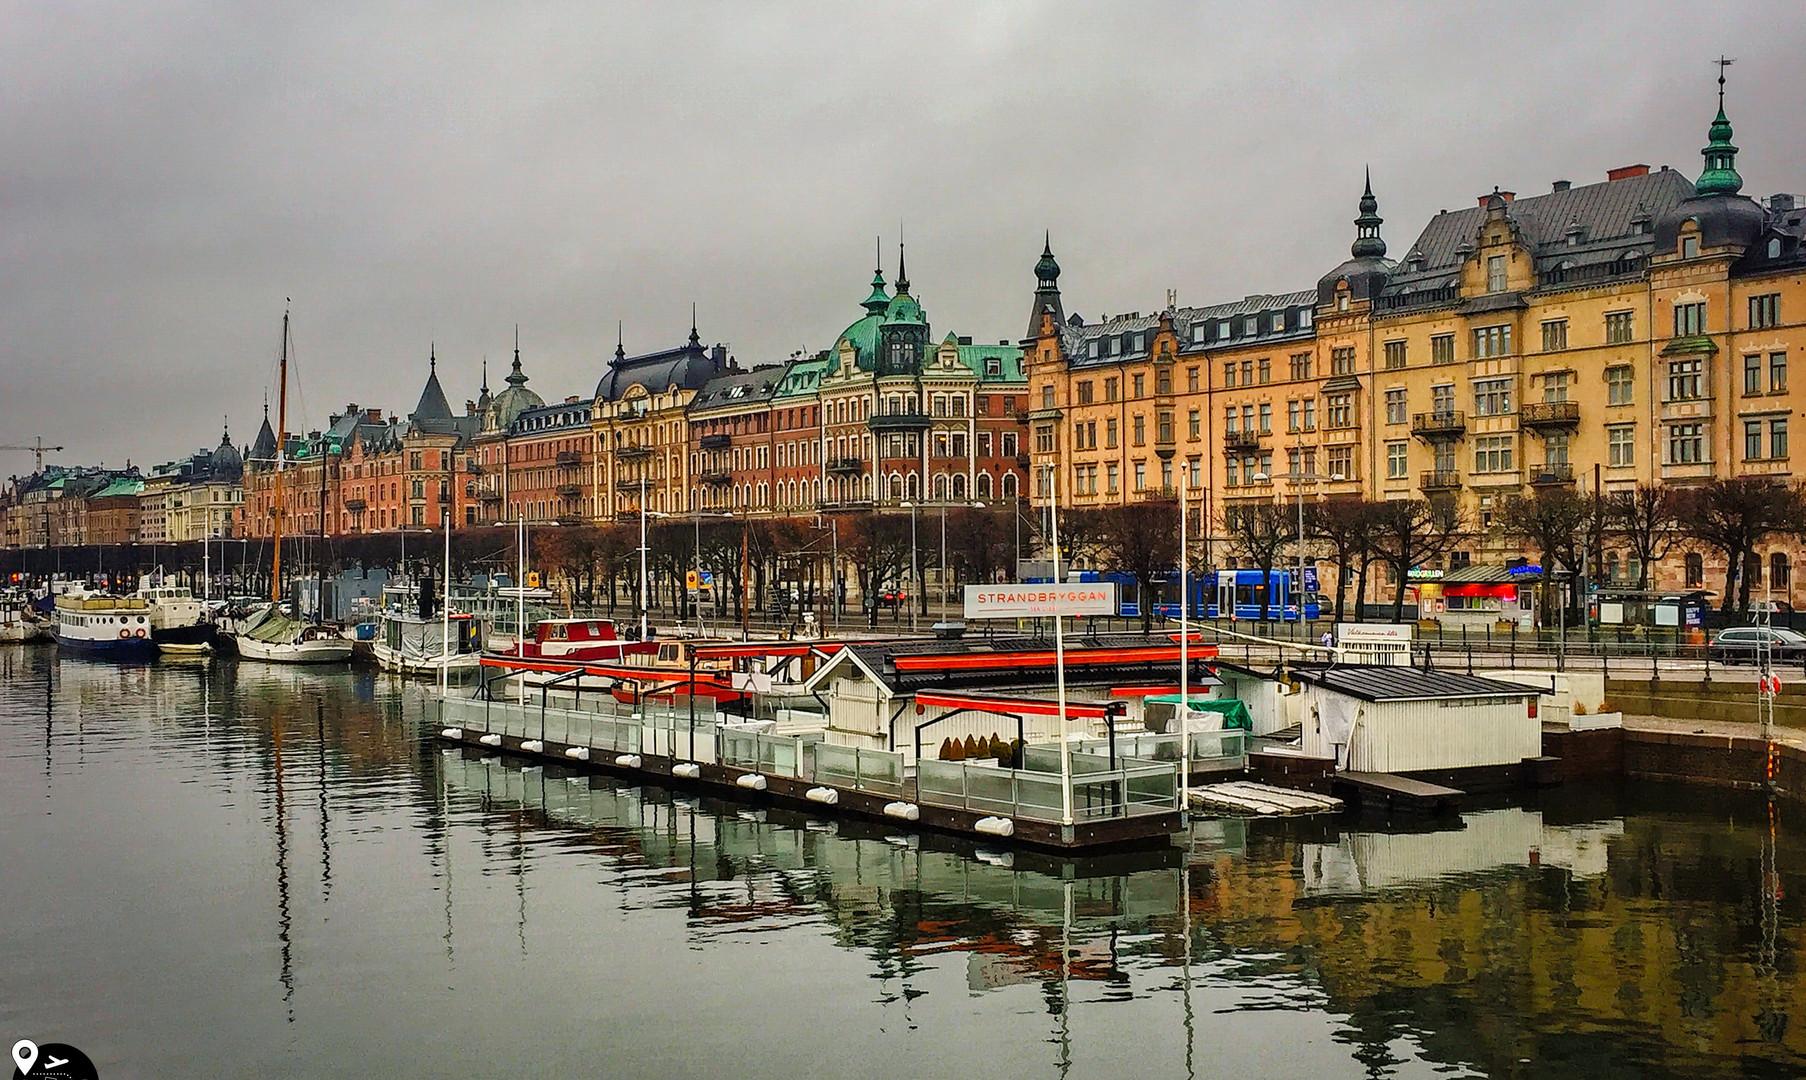 Бульвар Страндвеген, Стокгольм